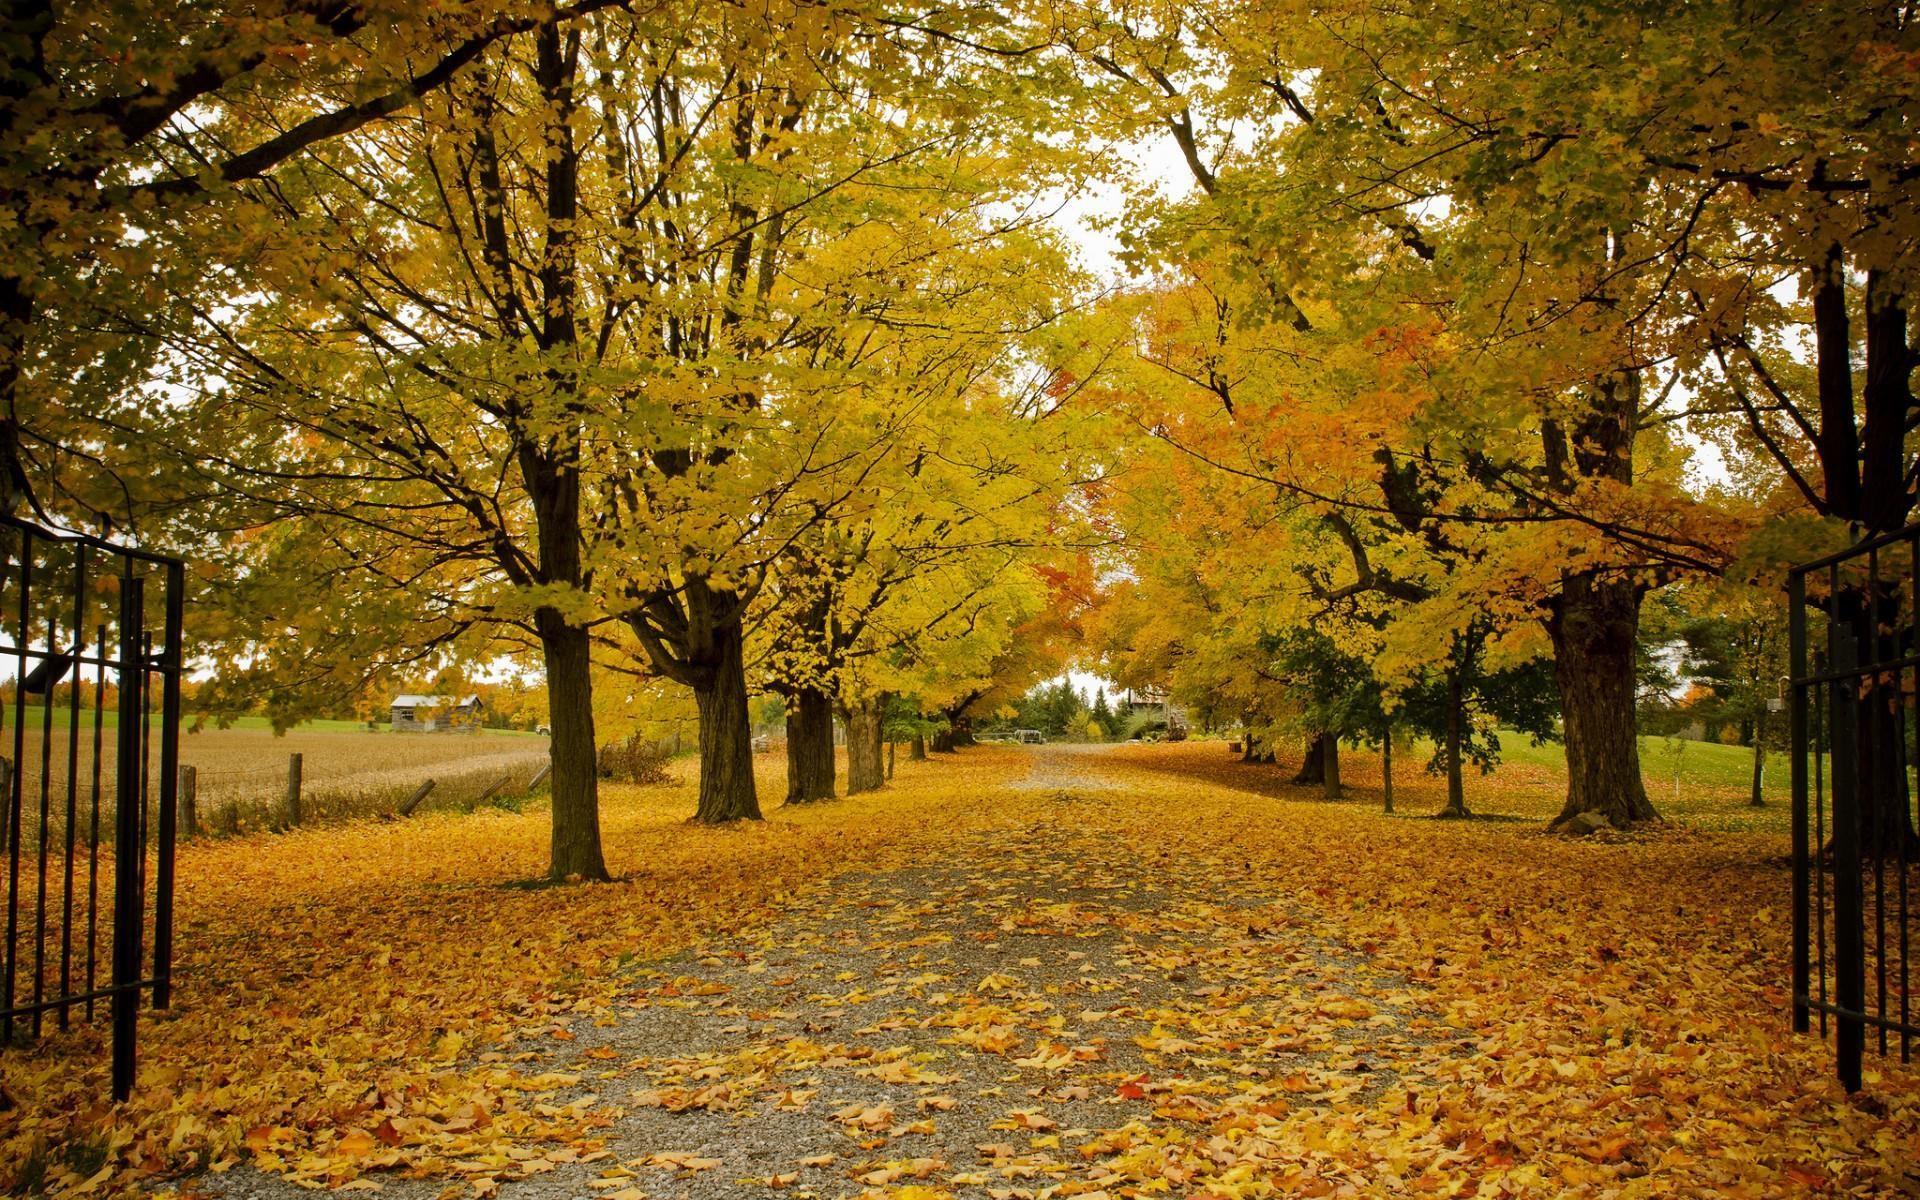 Sfondi autunnali 59 immagini for Immagini autunno hd